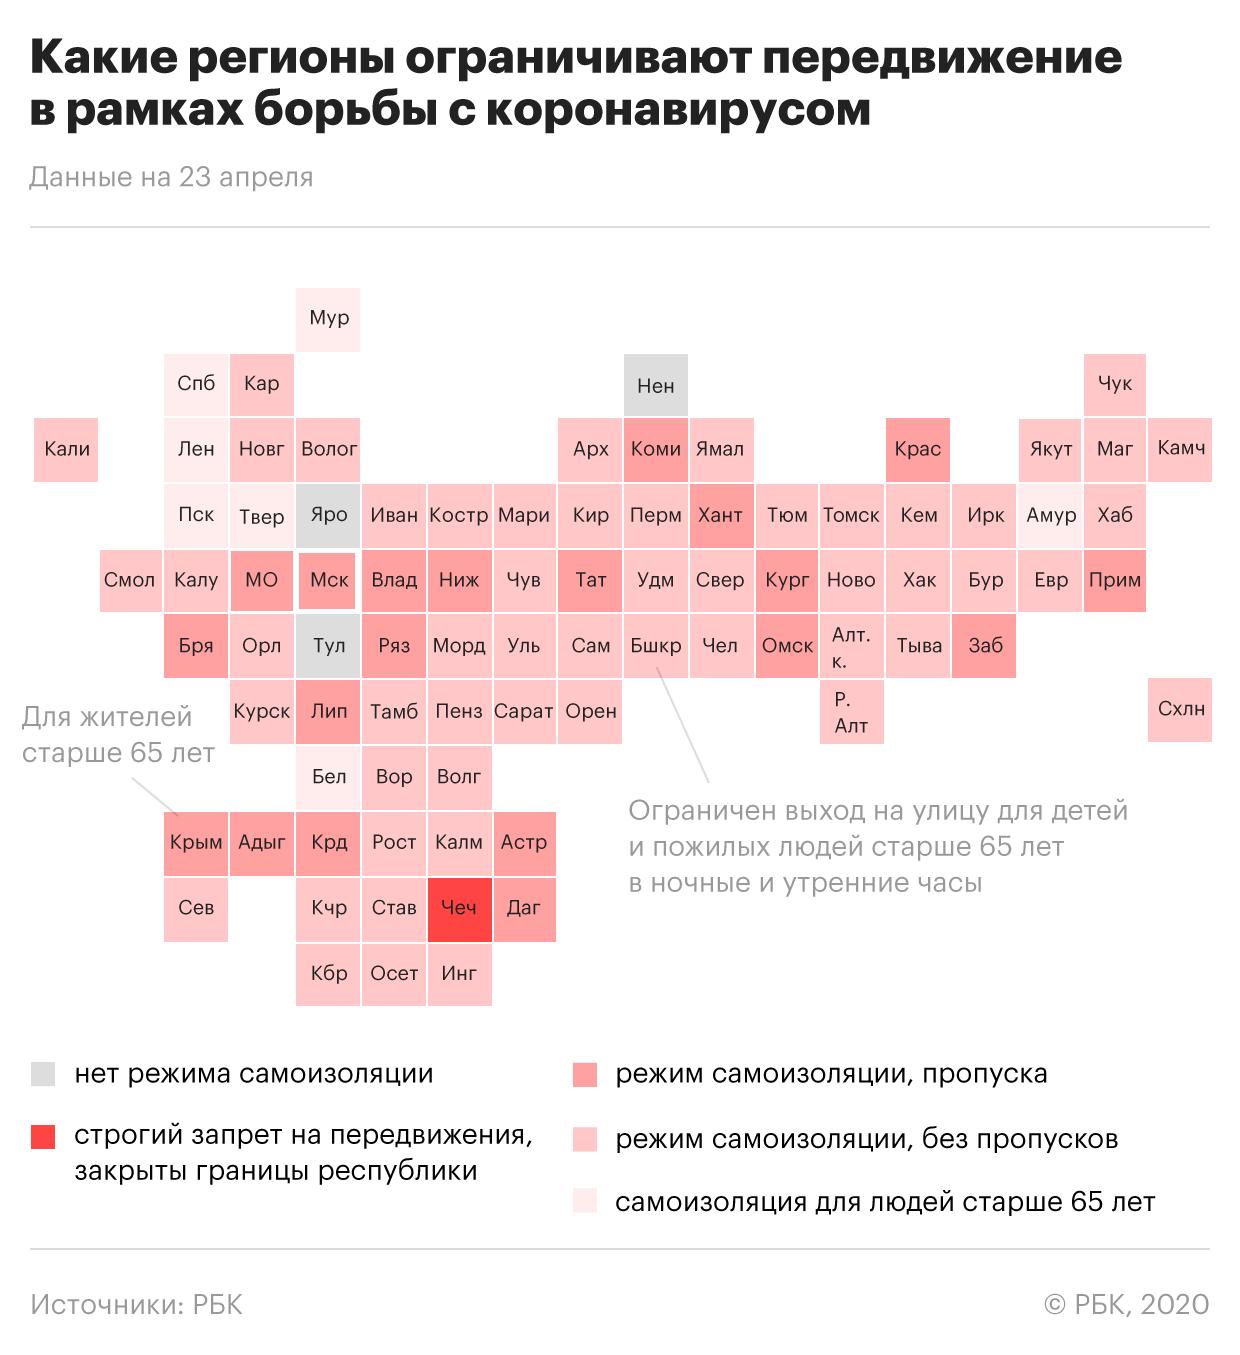 Путин назвал правильными меры властей по борьбе с коронавирусом